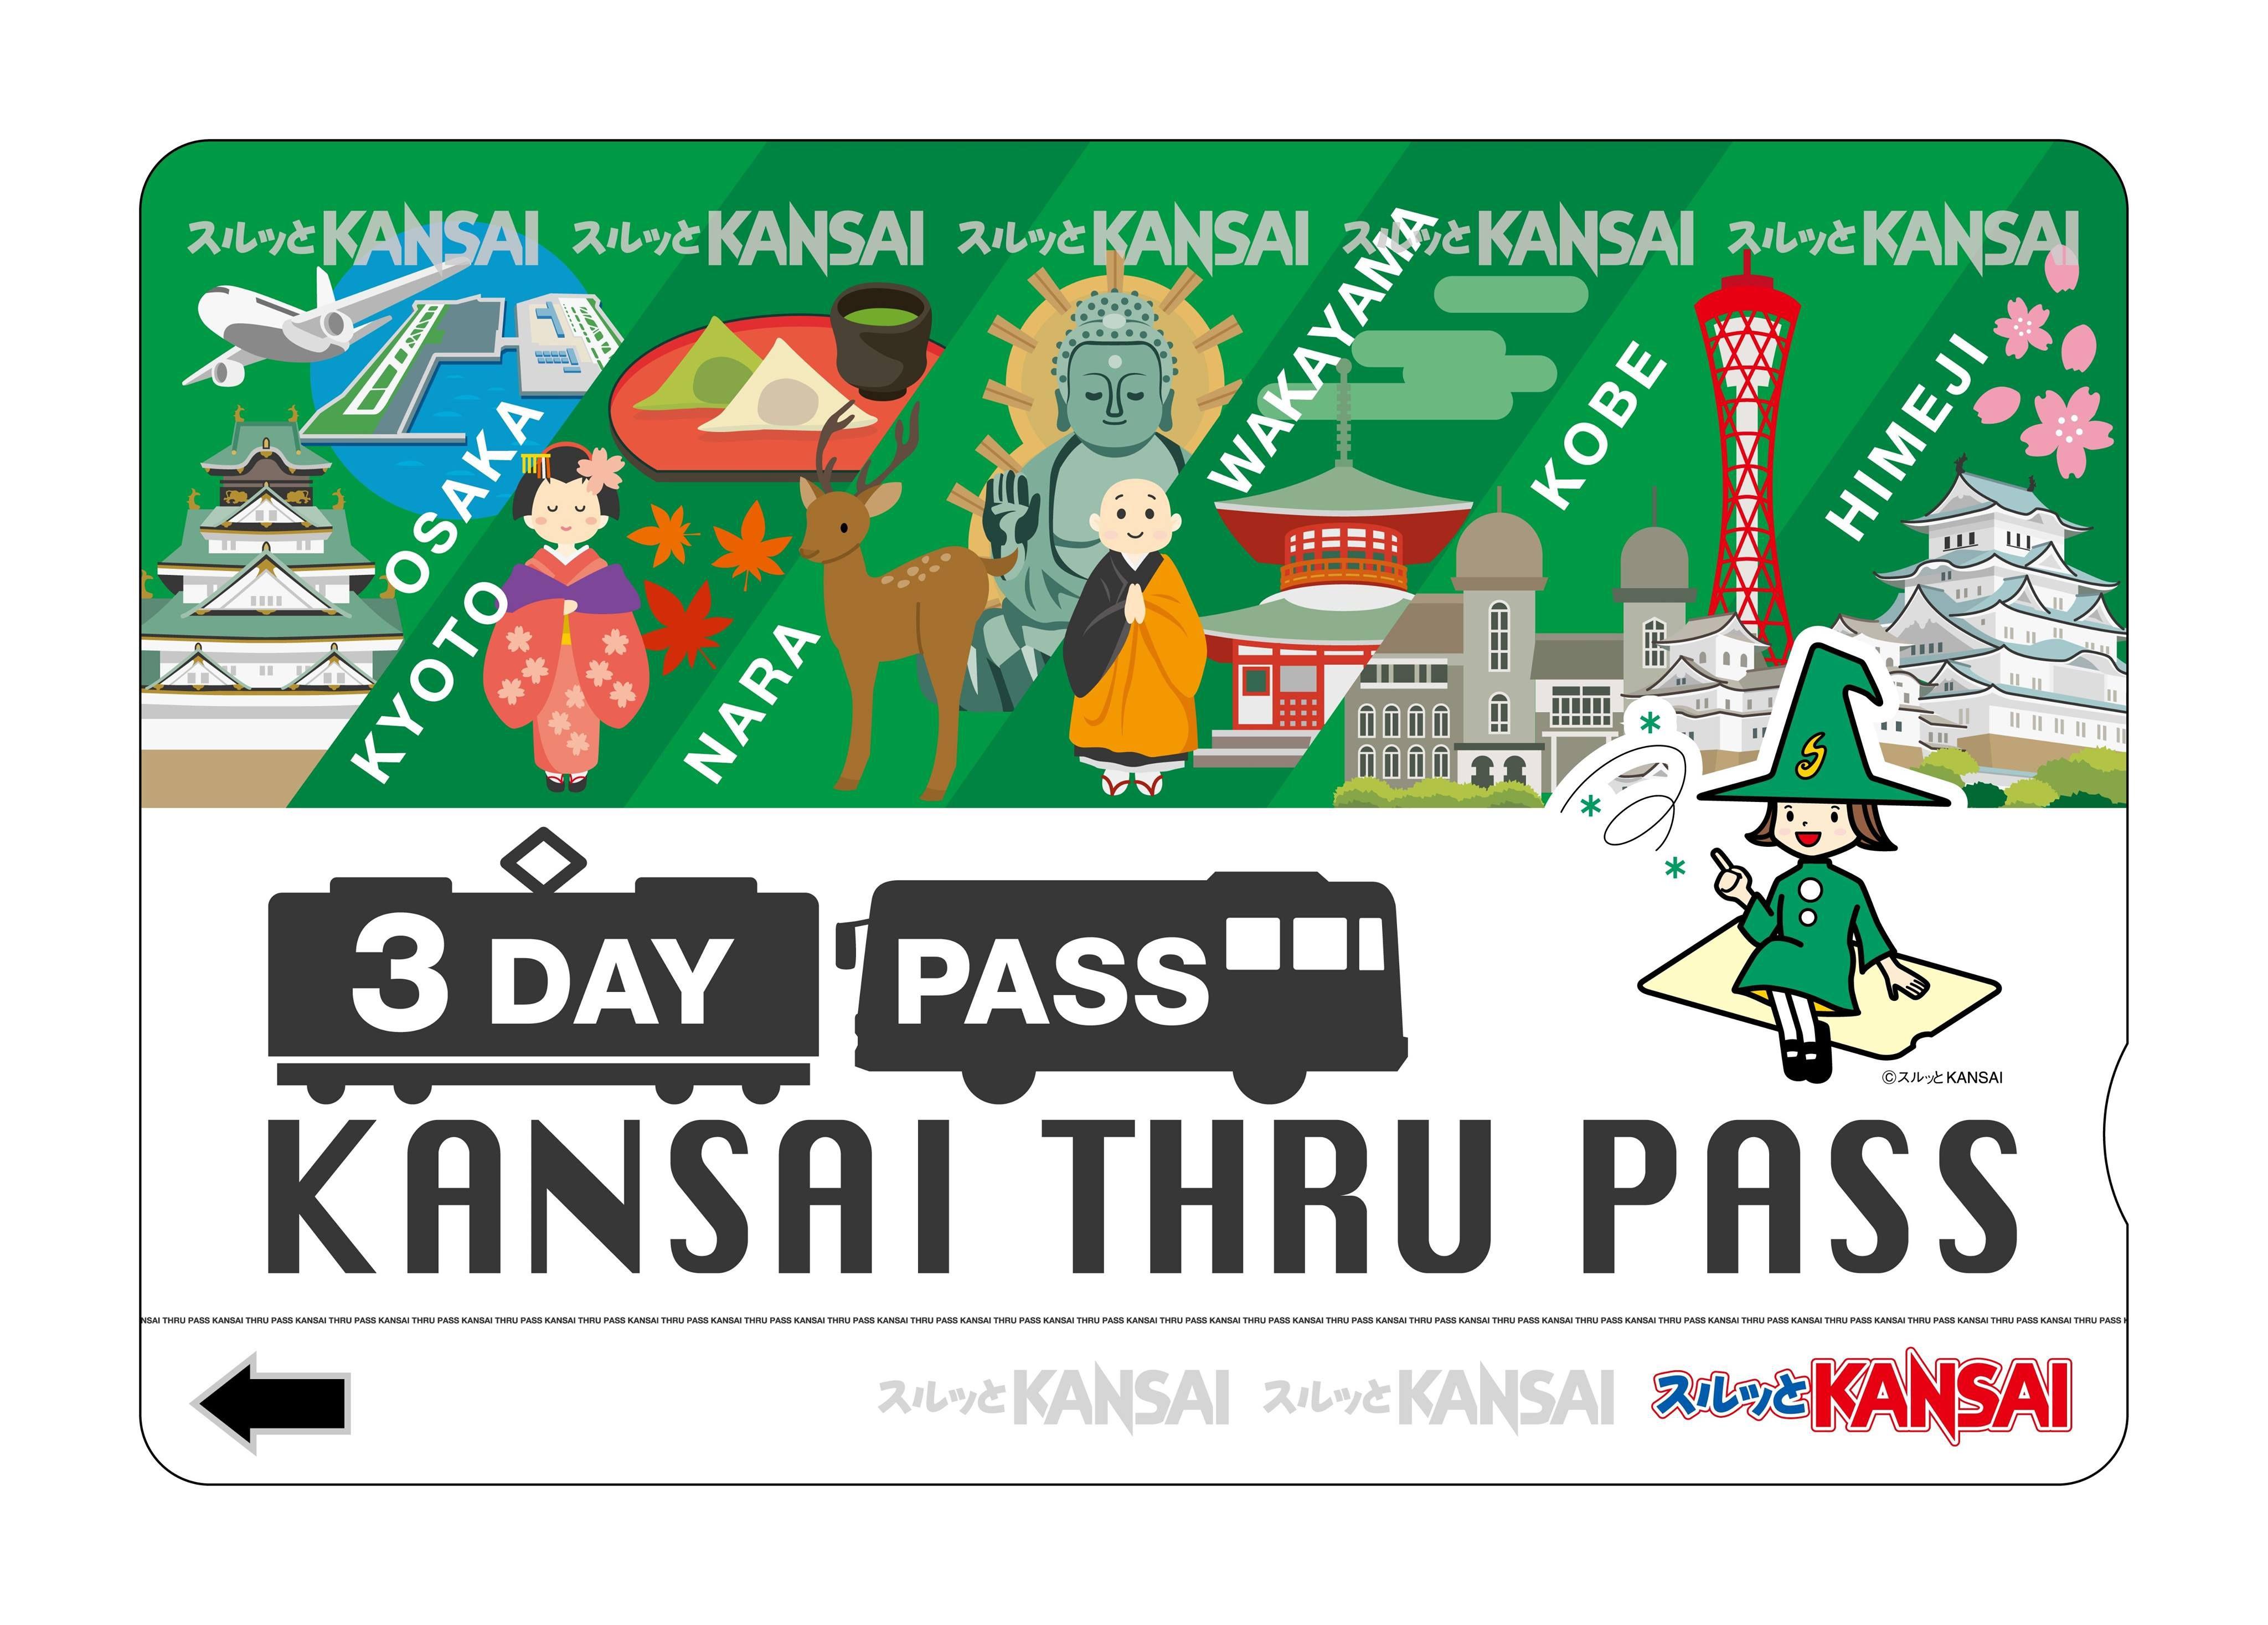 KANSAI THRU PASS